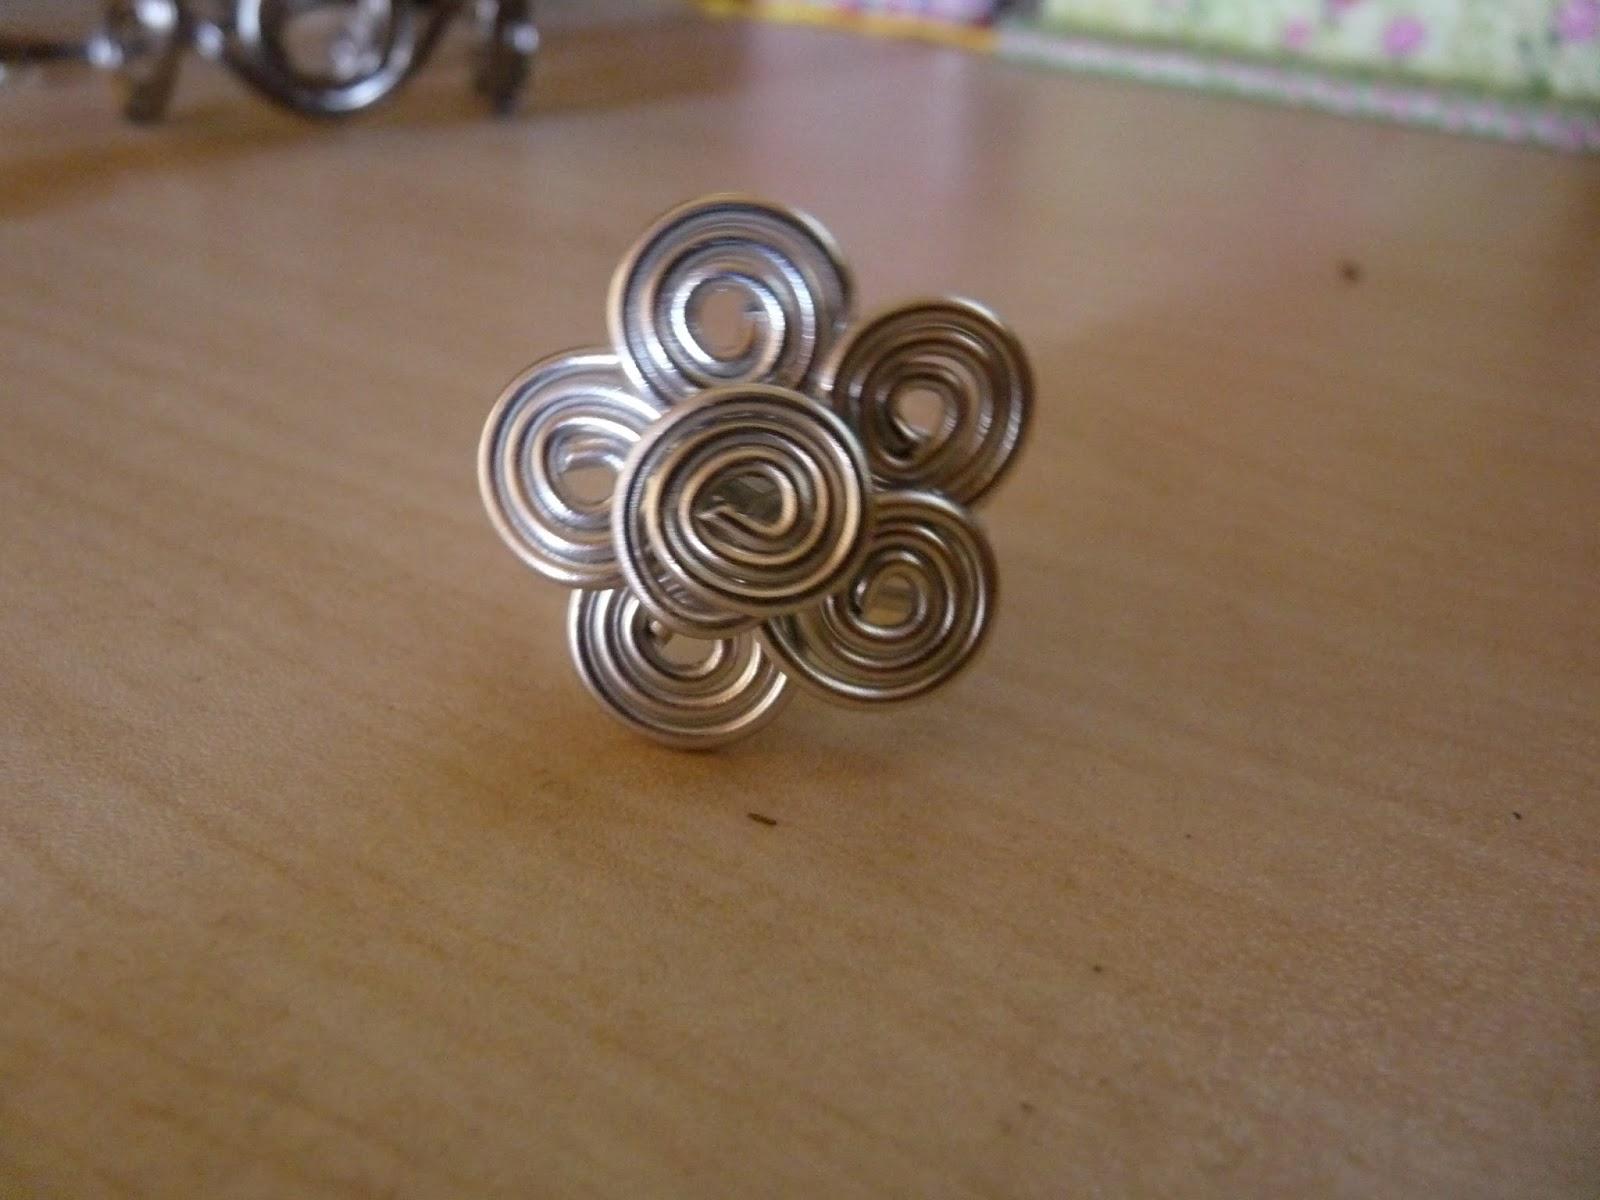 Bien-aimé L'Atelier de créations: mes bijoux en fil d'aluminium KZ59